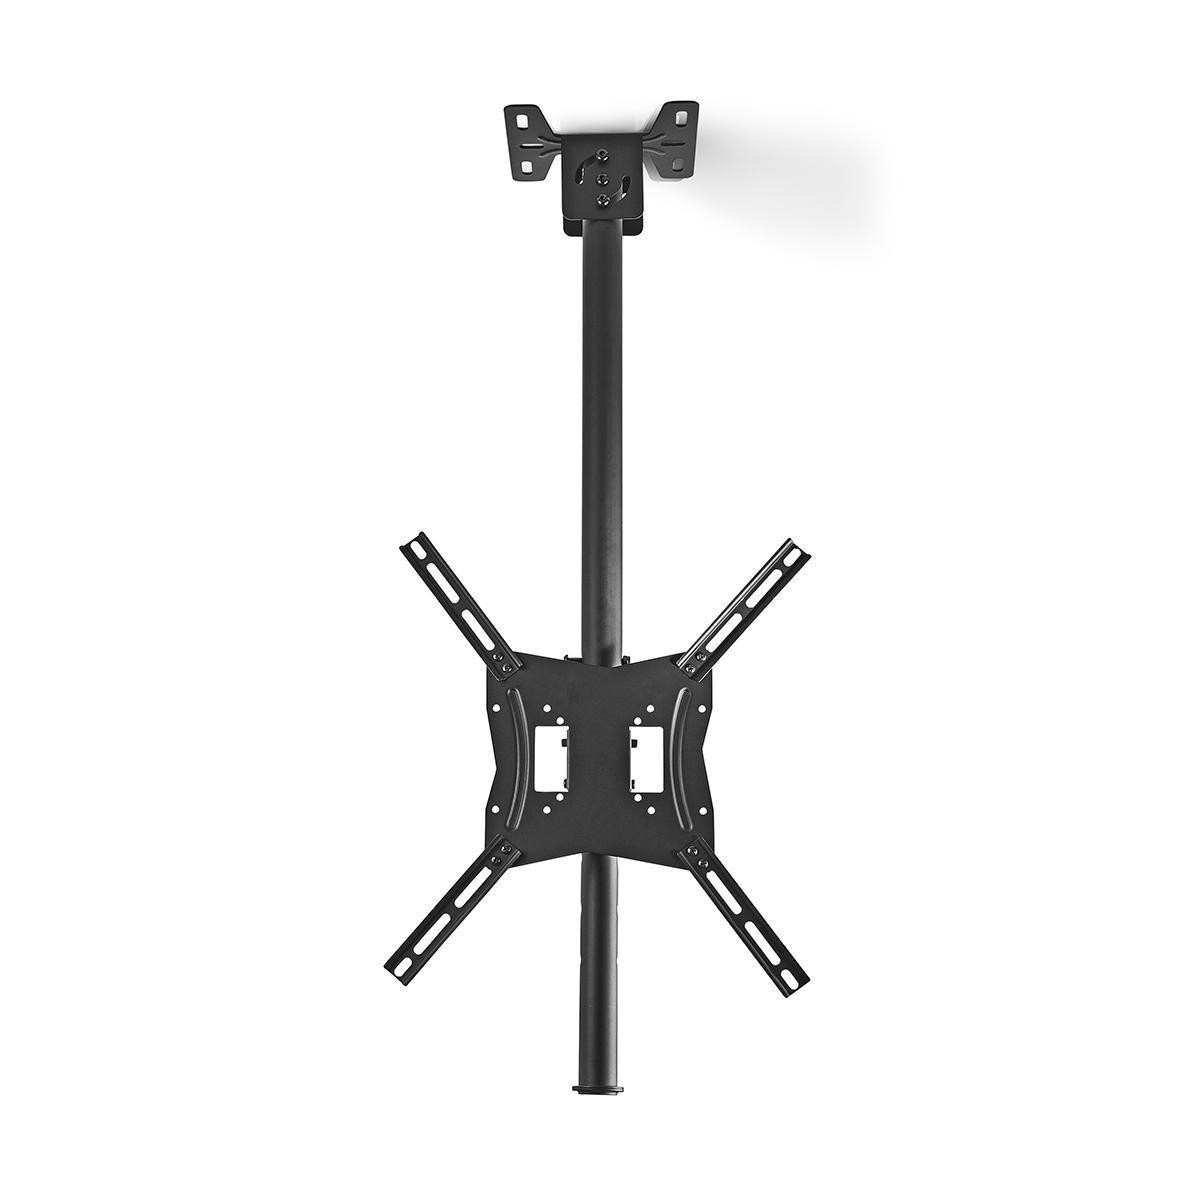 Diese TVCM1330BK Deckenhalterung von Nedis® ist die vielseitigste Lösung zum Aufhängen Ihres Fernsehgeräts. Warum sollte Ihr Fernseher mehr Platz beanspruchen als nötig? Mit dieser Deckenhalterung können Sie Ihren Fernseher einfach von der Decke hängen.